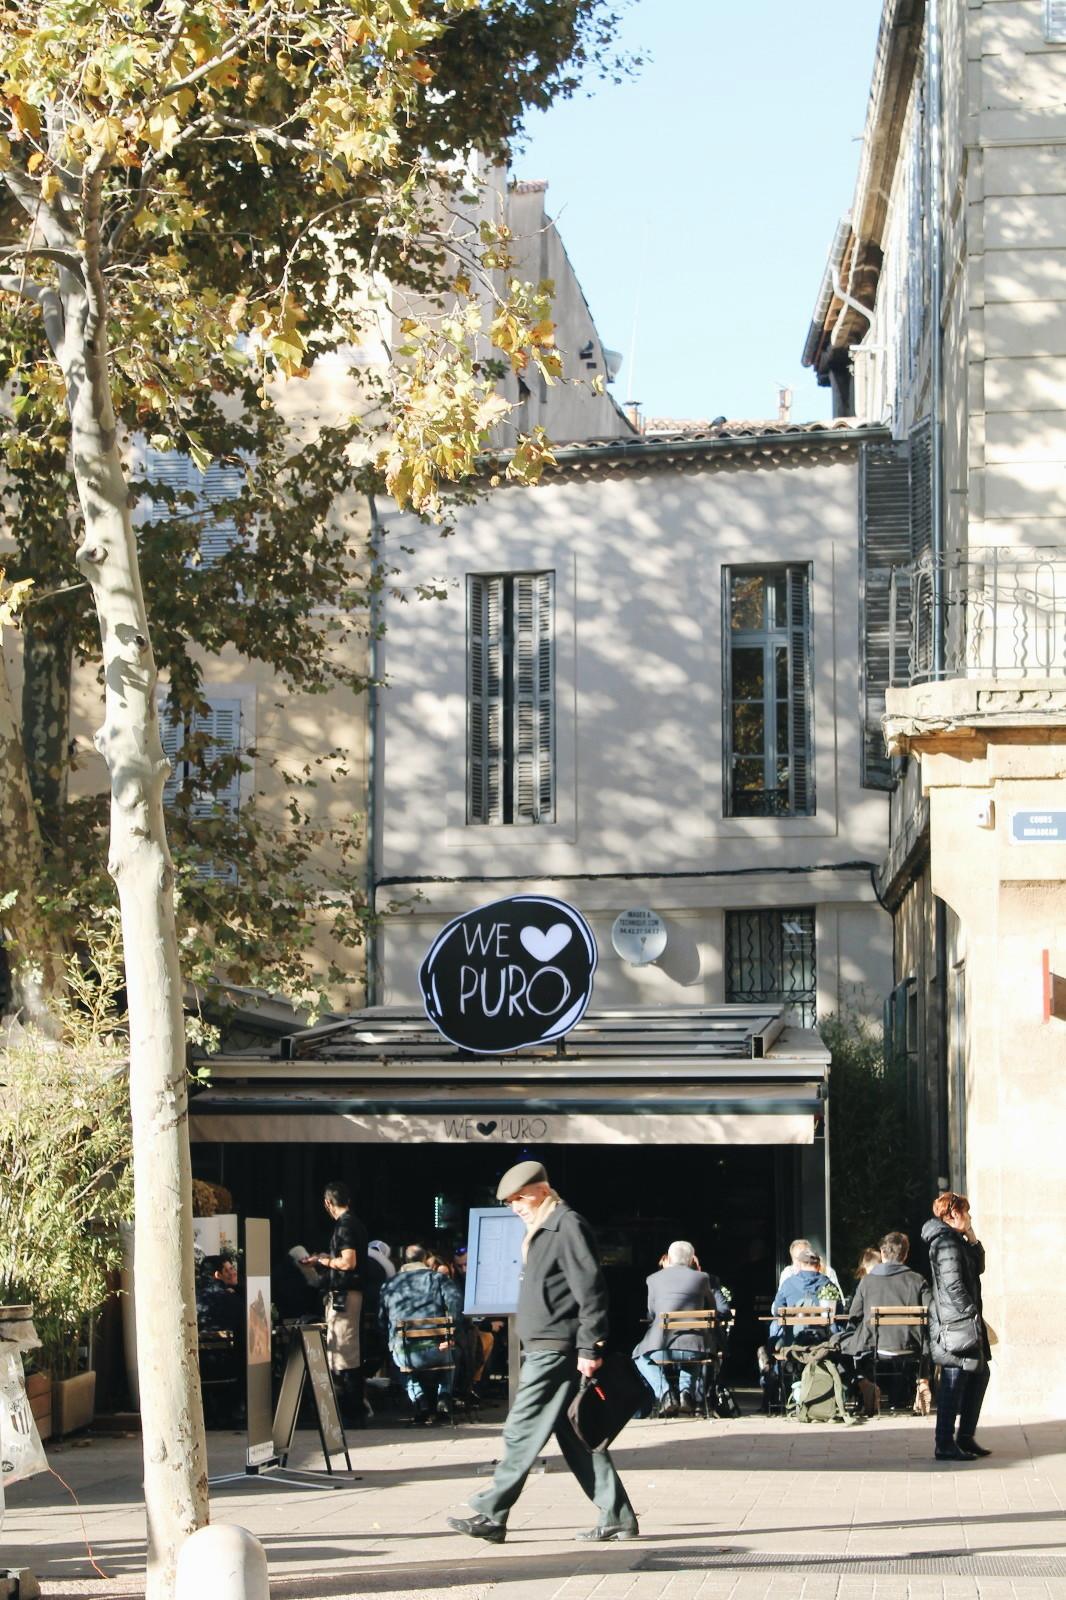 aix-provence-mi-ciudad-erasmus-9e3239950